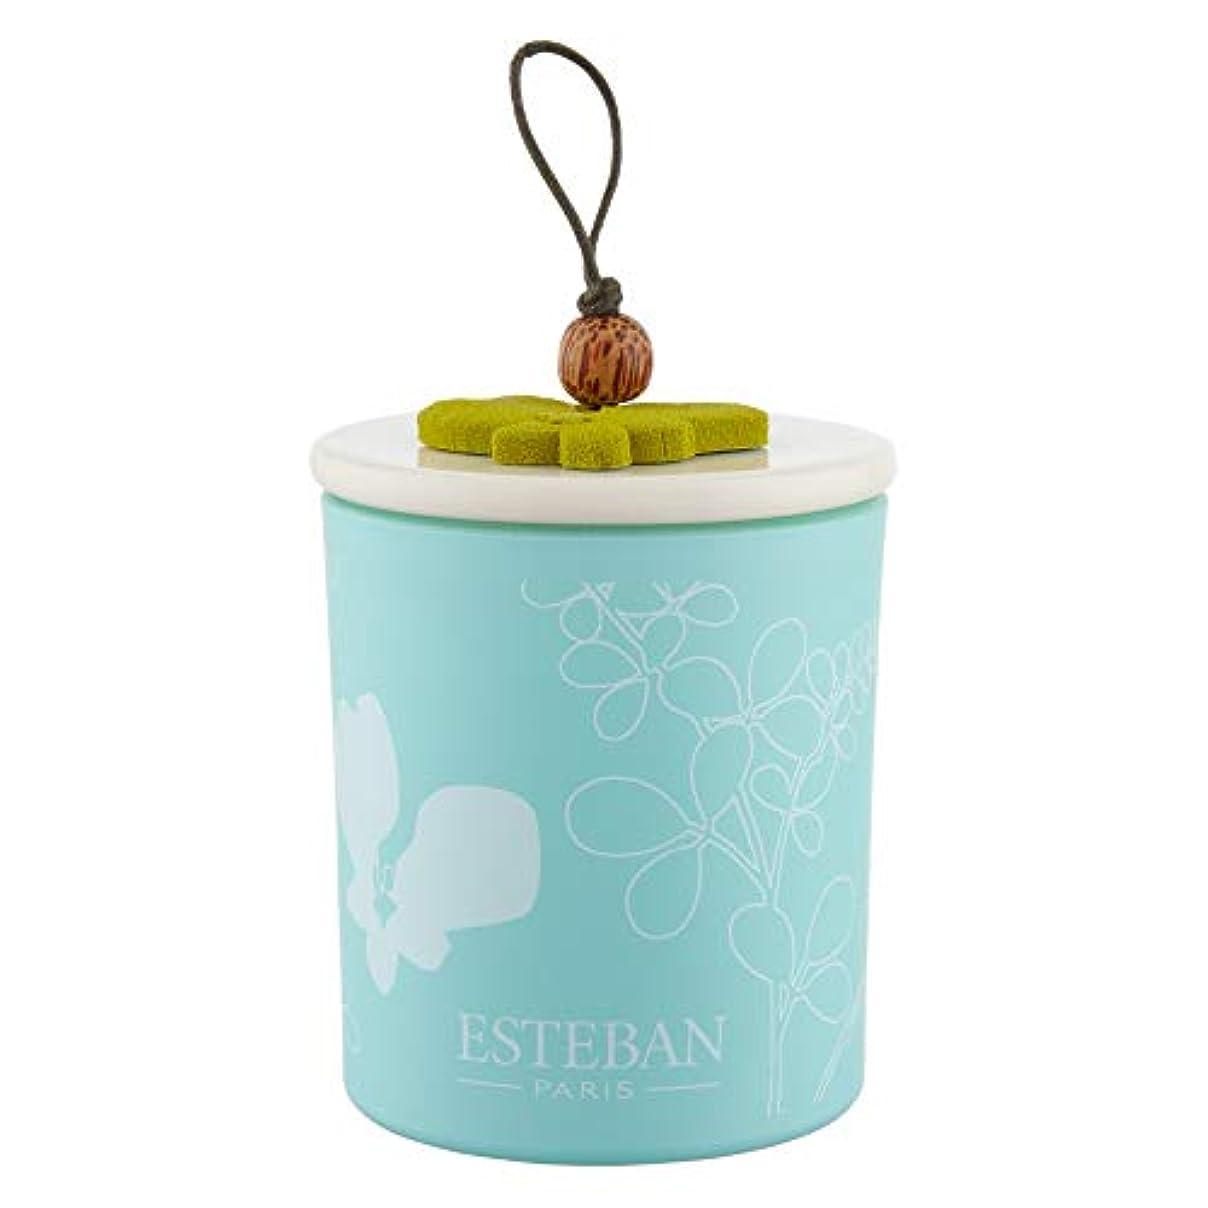 名門頼る批判的[Esteban ] エステバンは、装飾されたキャンドル170グラムを香りOrchidee - Esteban Orchid?e Scented Decorated Candle 170g [並行輸入品]